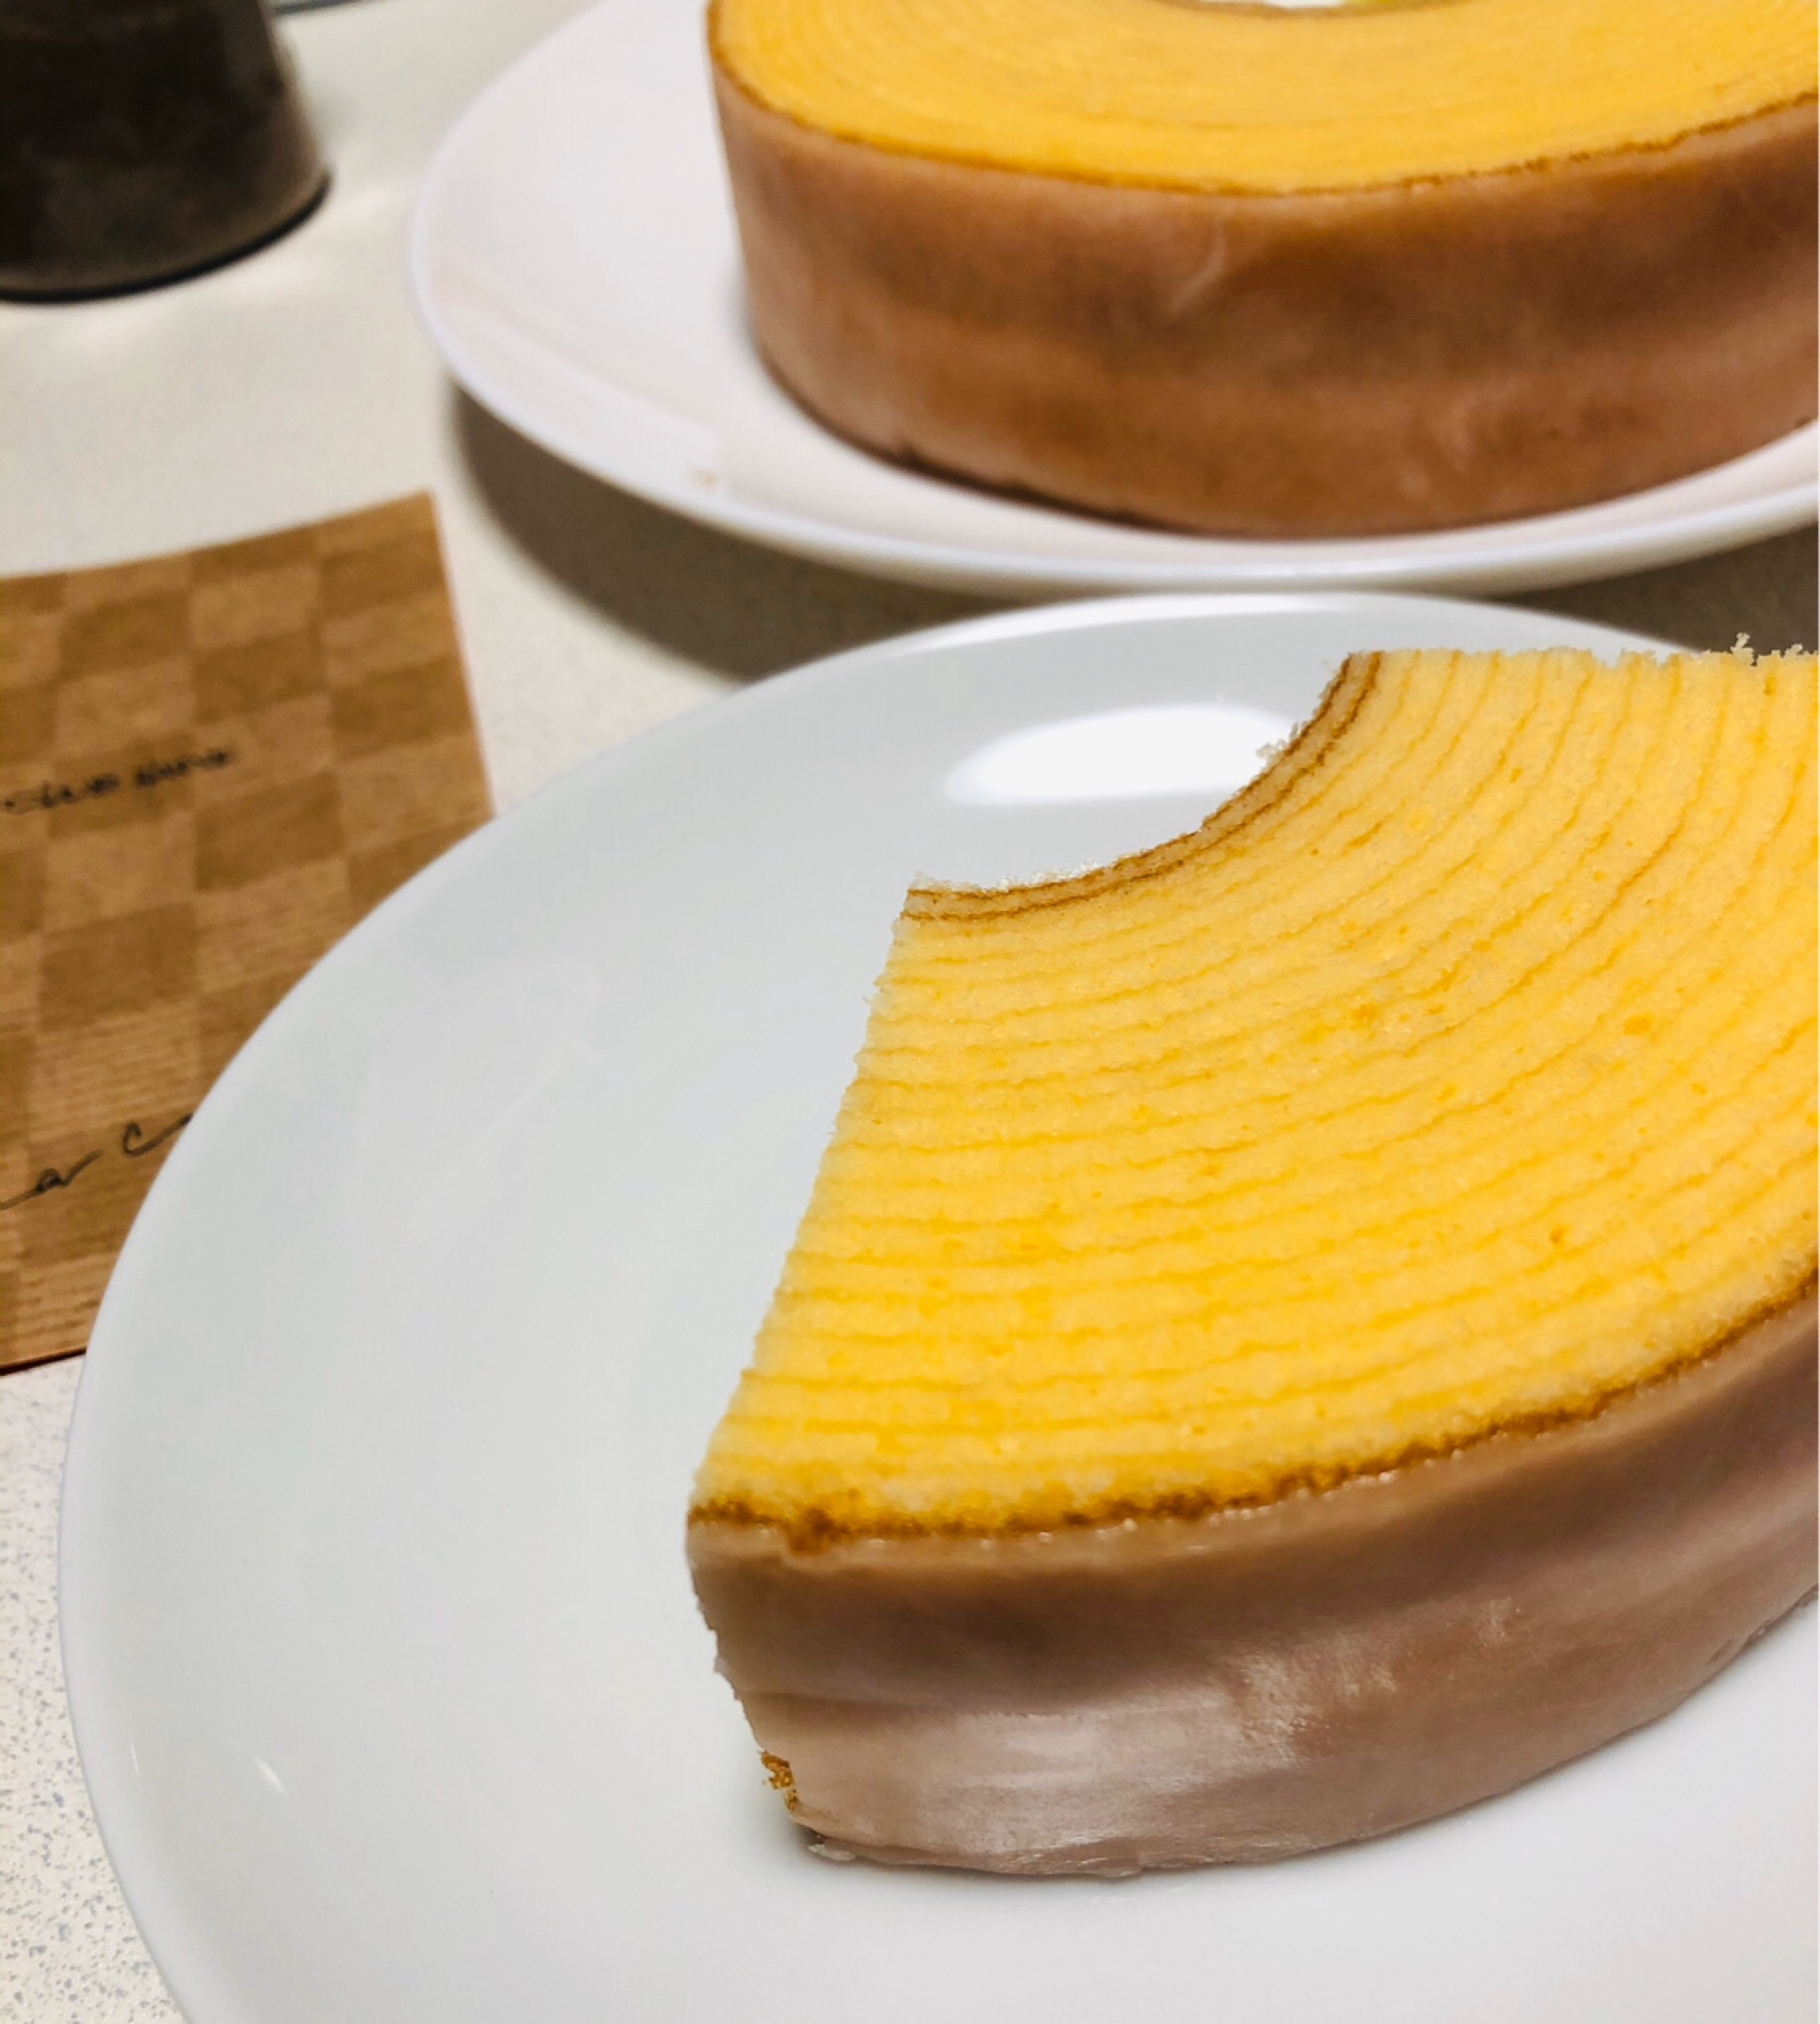 【クラブハリエ】#滋賀県 ふんわり生どら焼きが美味!可愛いバームクーヘン型ポーチの中にはパイが(*´꒳`*)_8